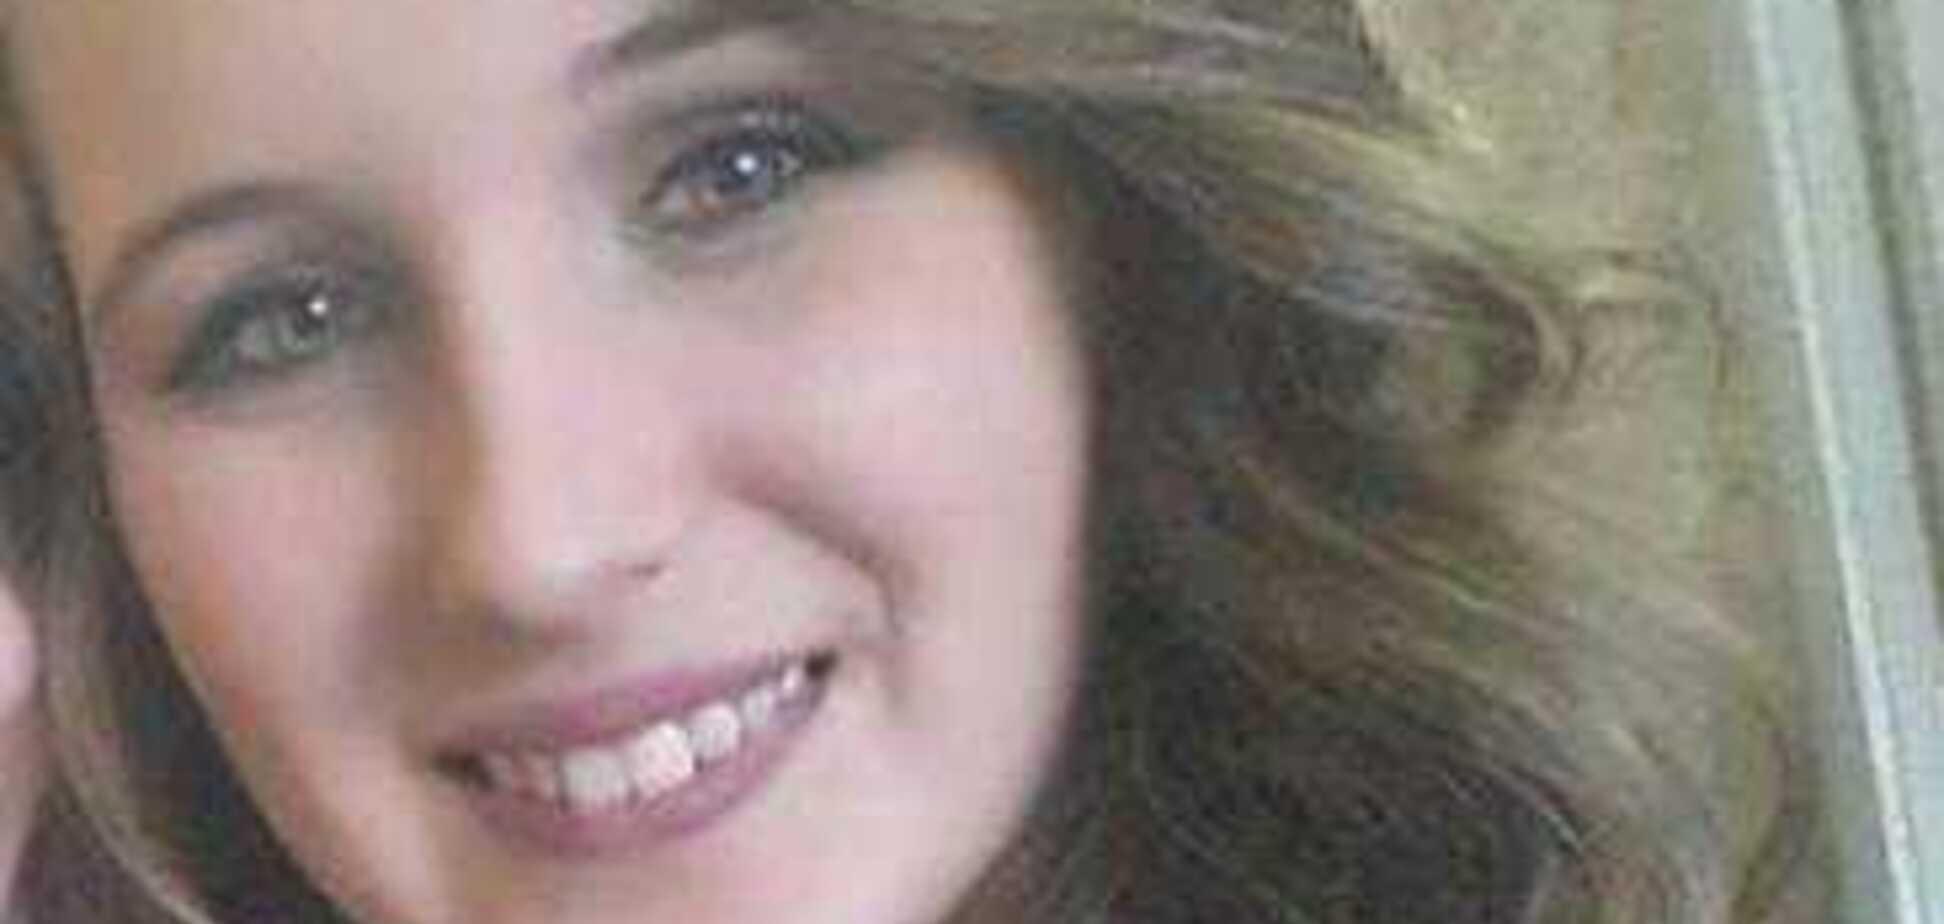 Суицид или убийство? Запорожье всколыхнула загадочная смерть 15-летней студентки